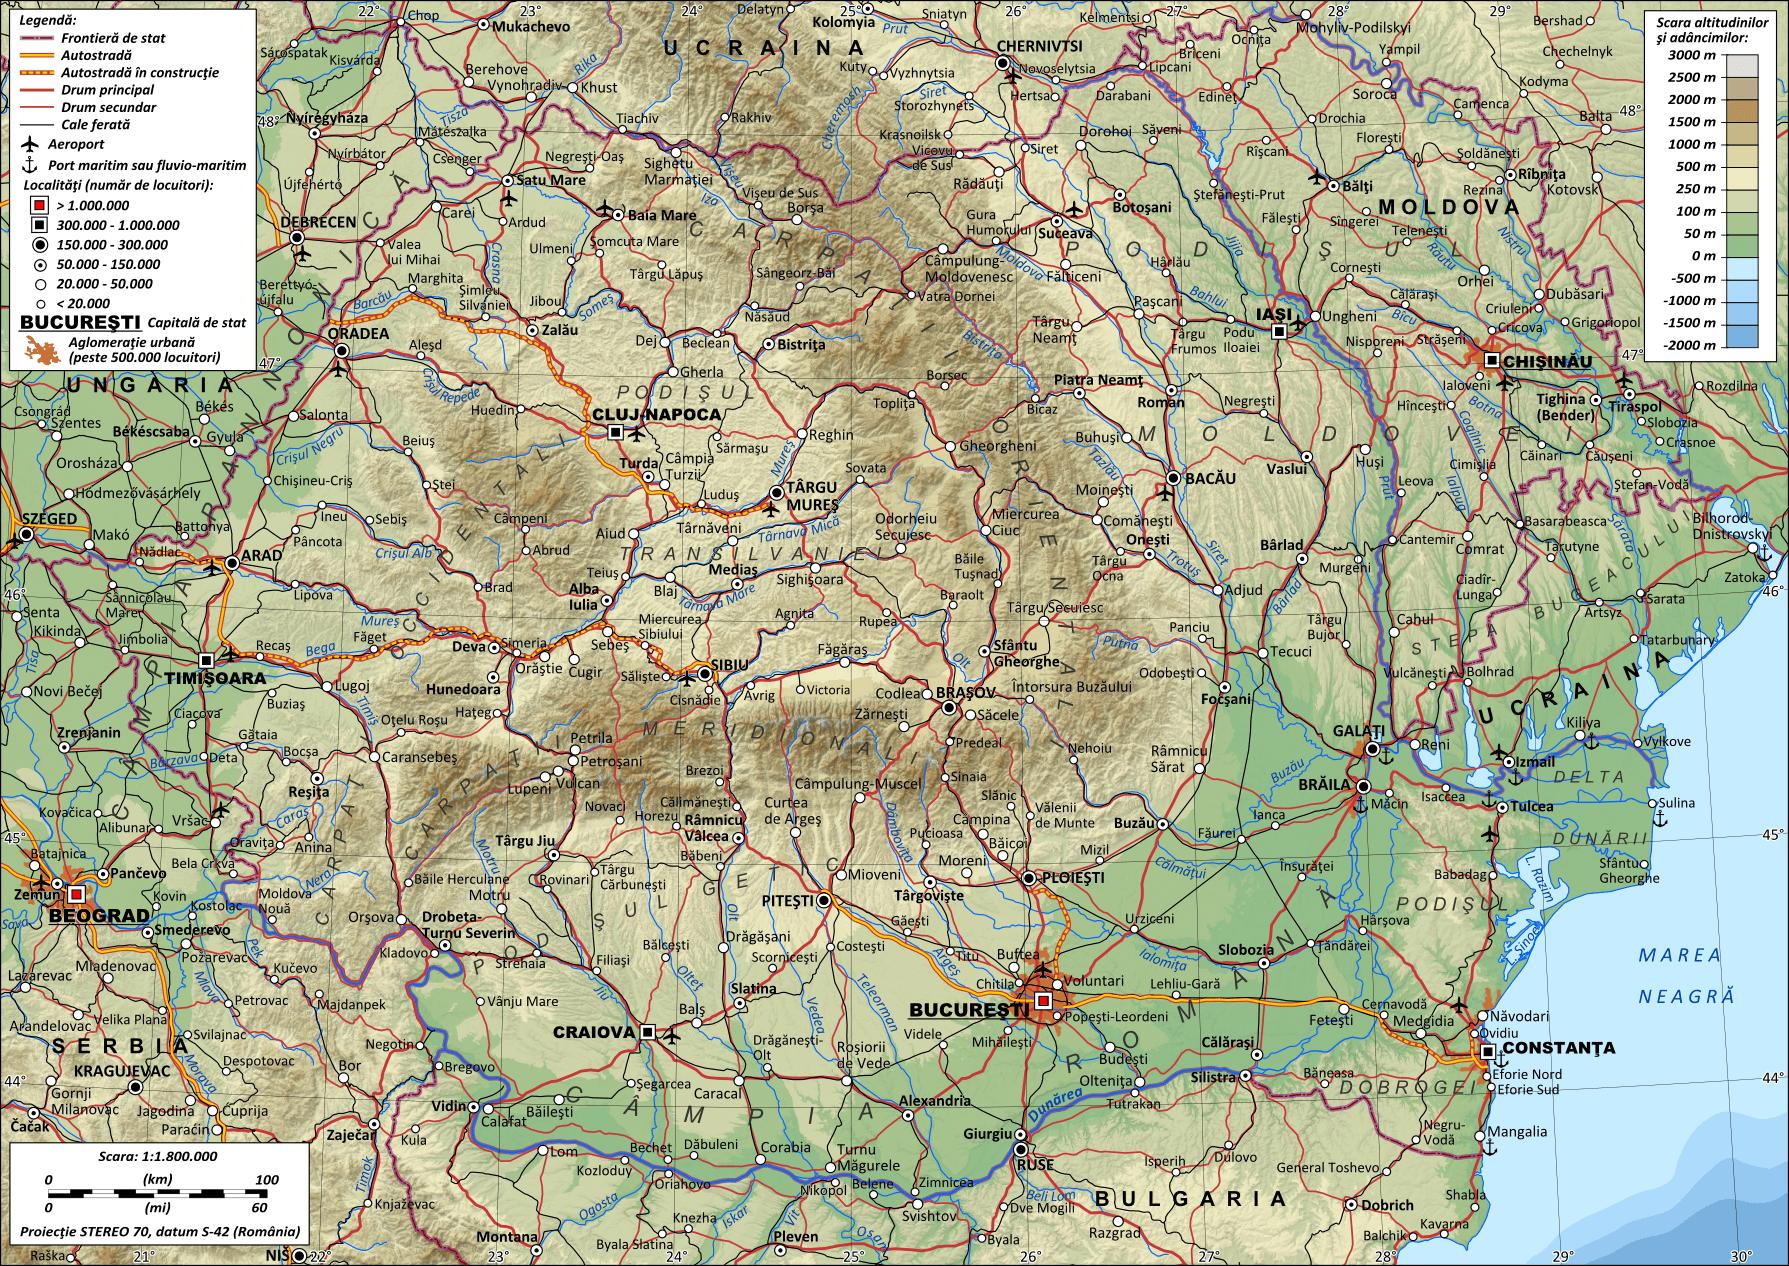 Mapa topograficzna Rumunii